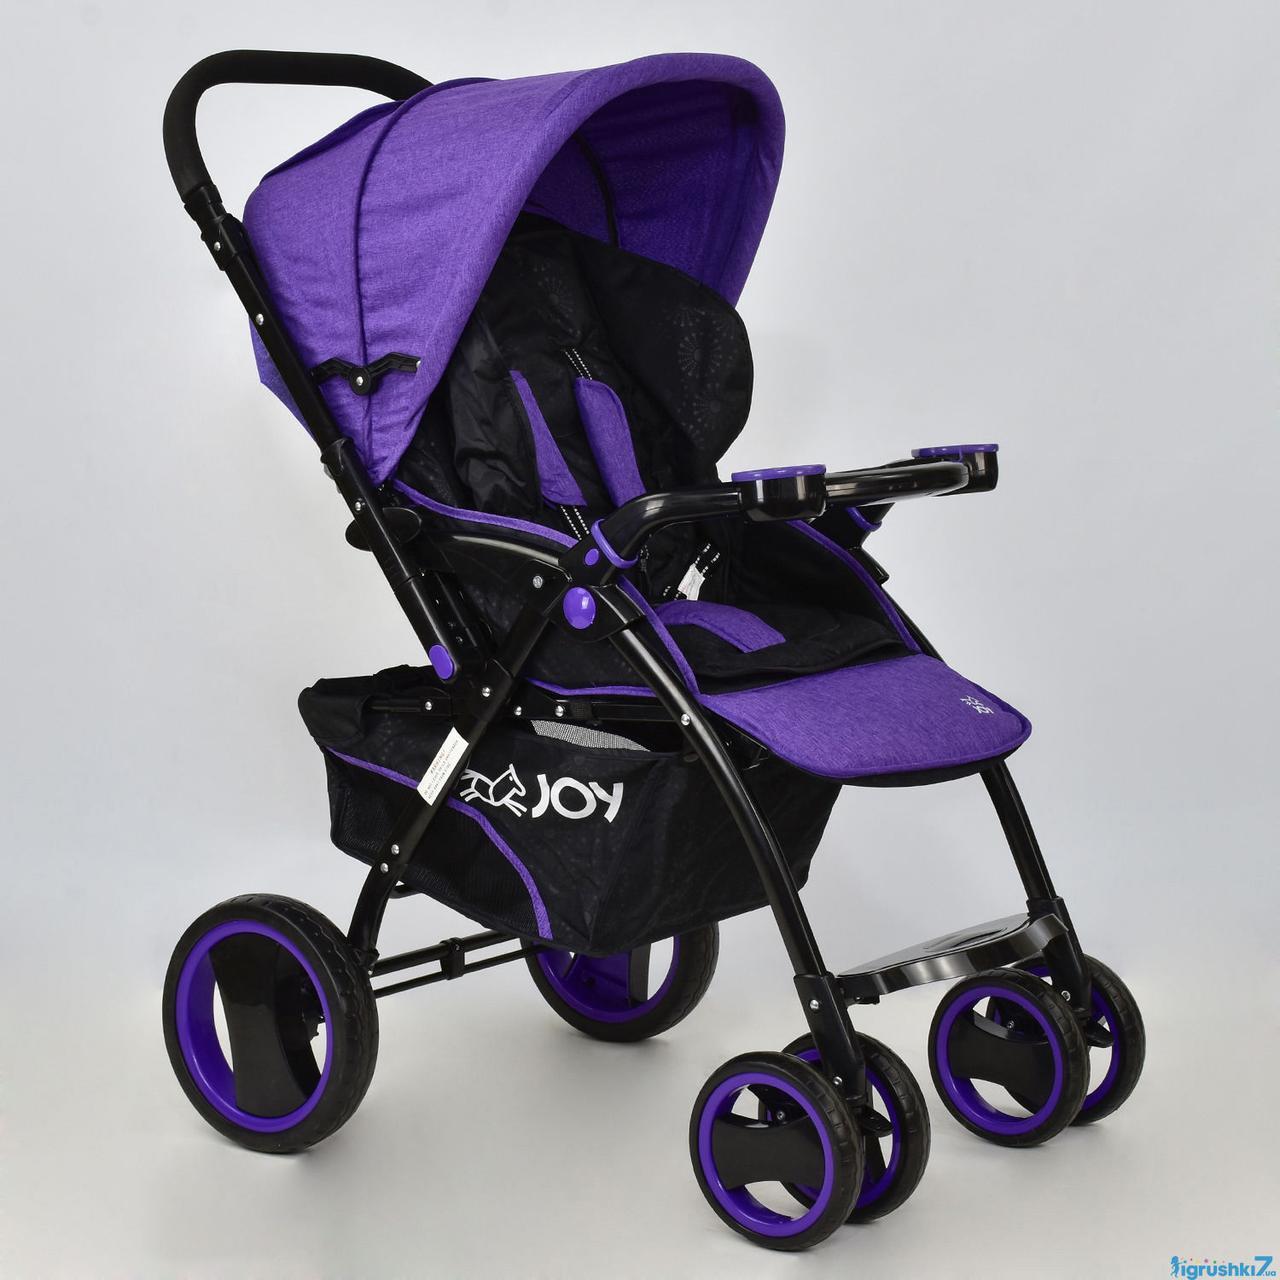 Коляска детская Т 100 JOY фиолетовый